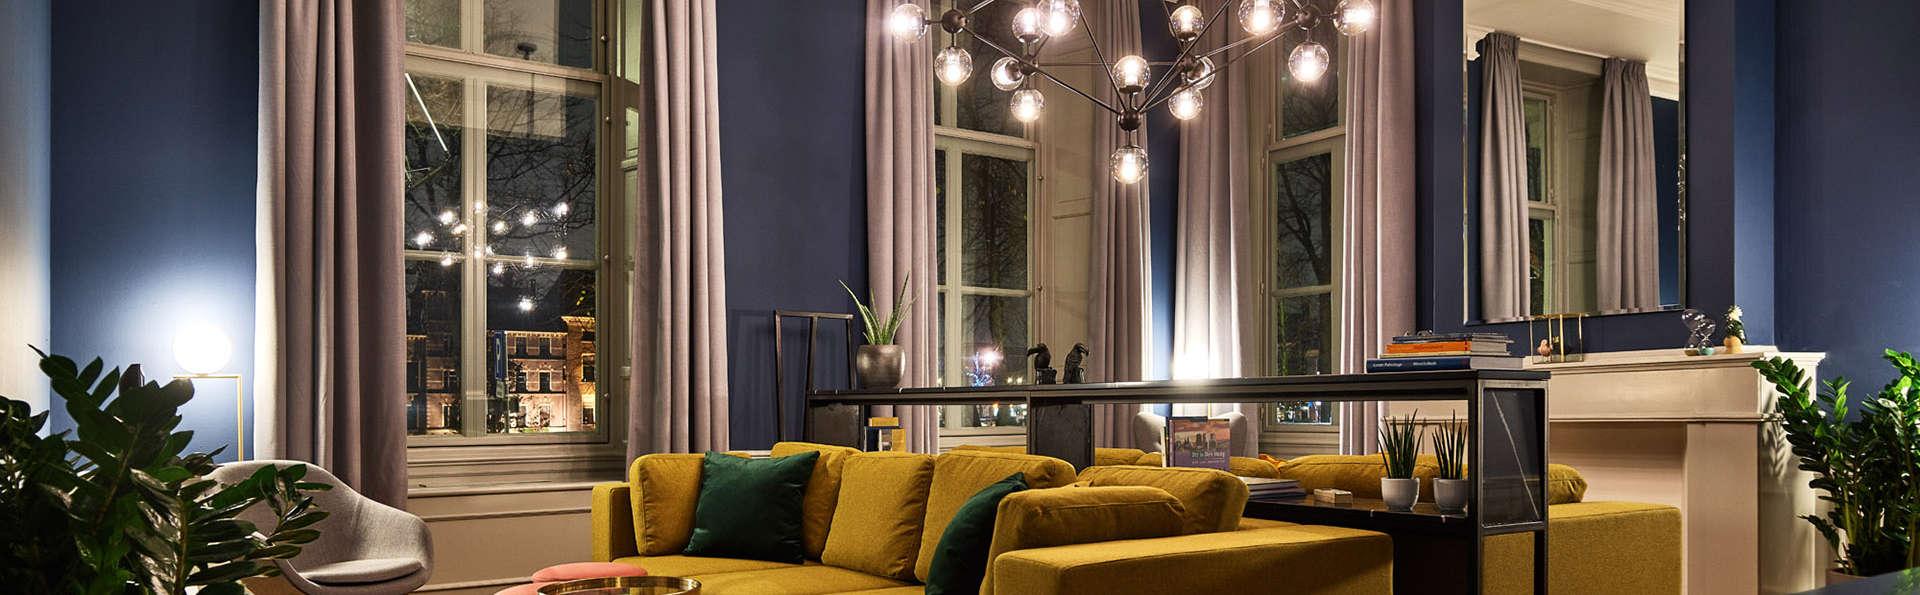 Confort dans un hôtel design au cœur de la pittoresque ville de La Haye